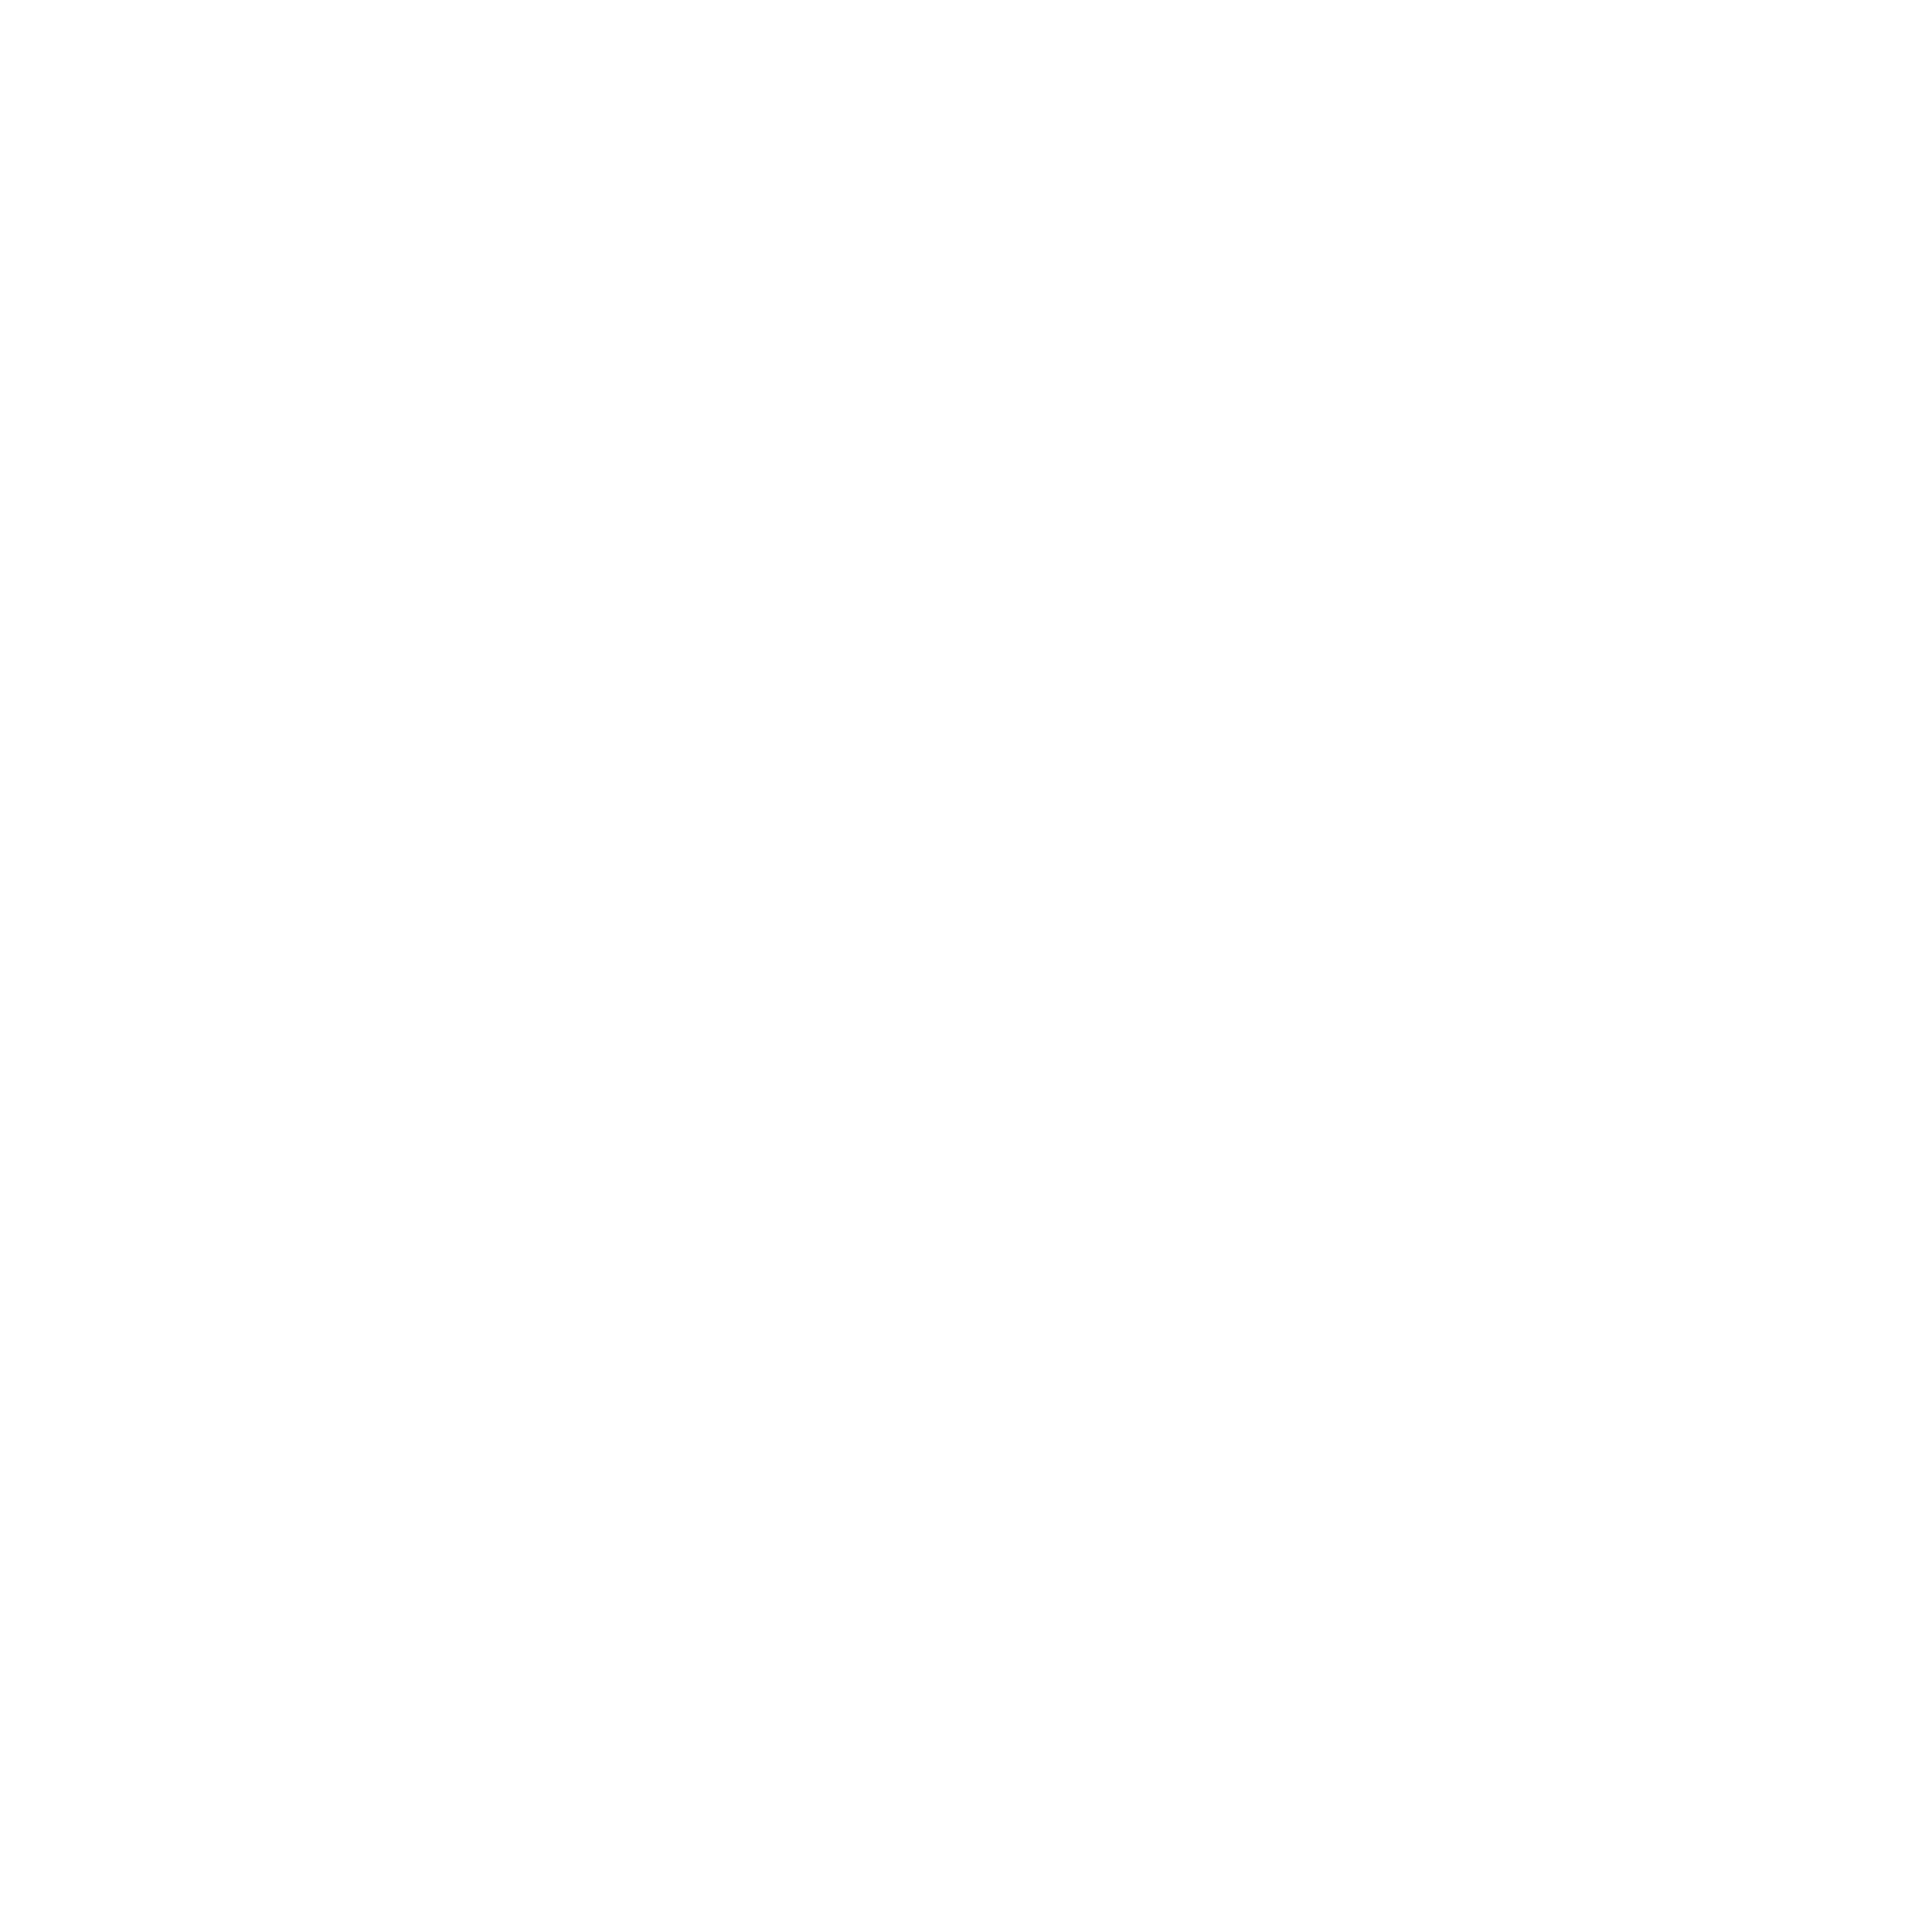 2000px-Toicon-icon-stone-teachWH